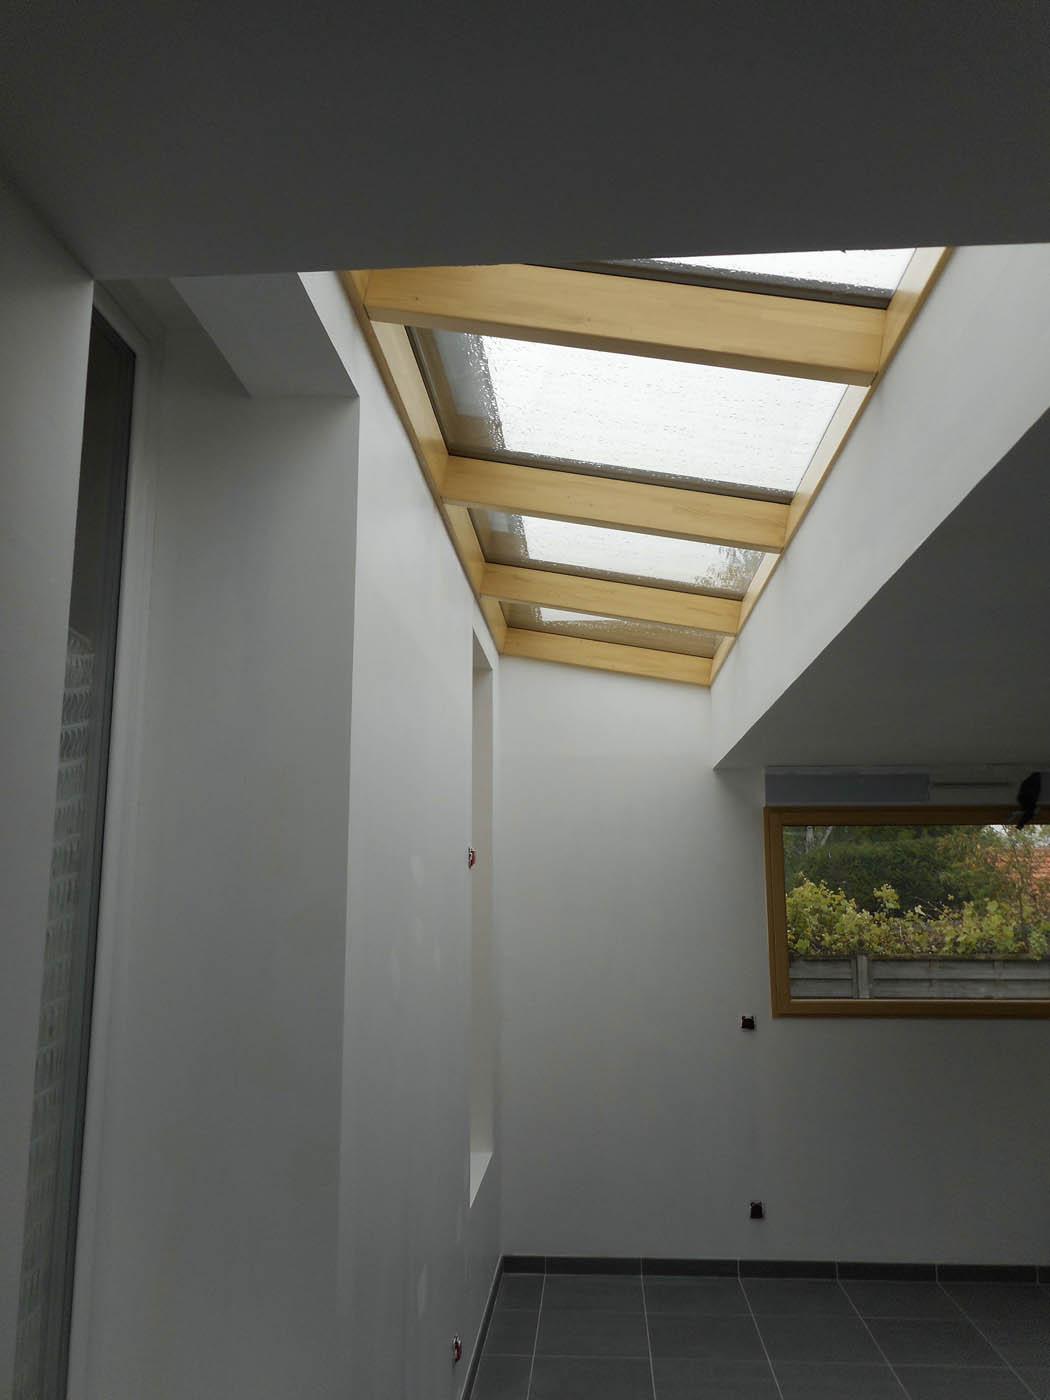 ... bois de 30 m2 par Boisphère - la maison bois par maisons-bois.com